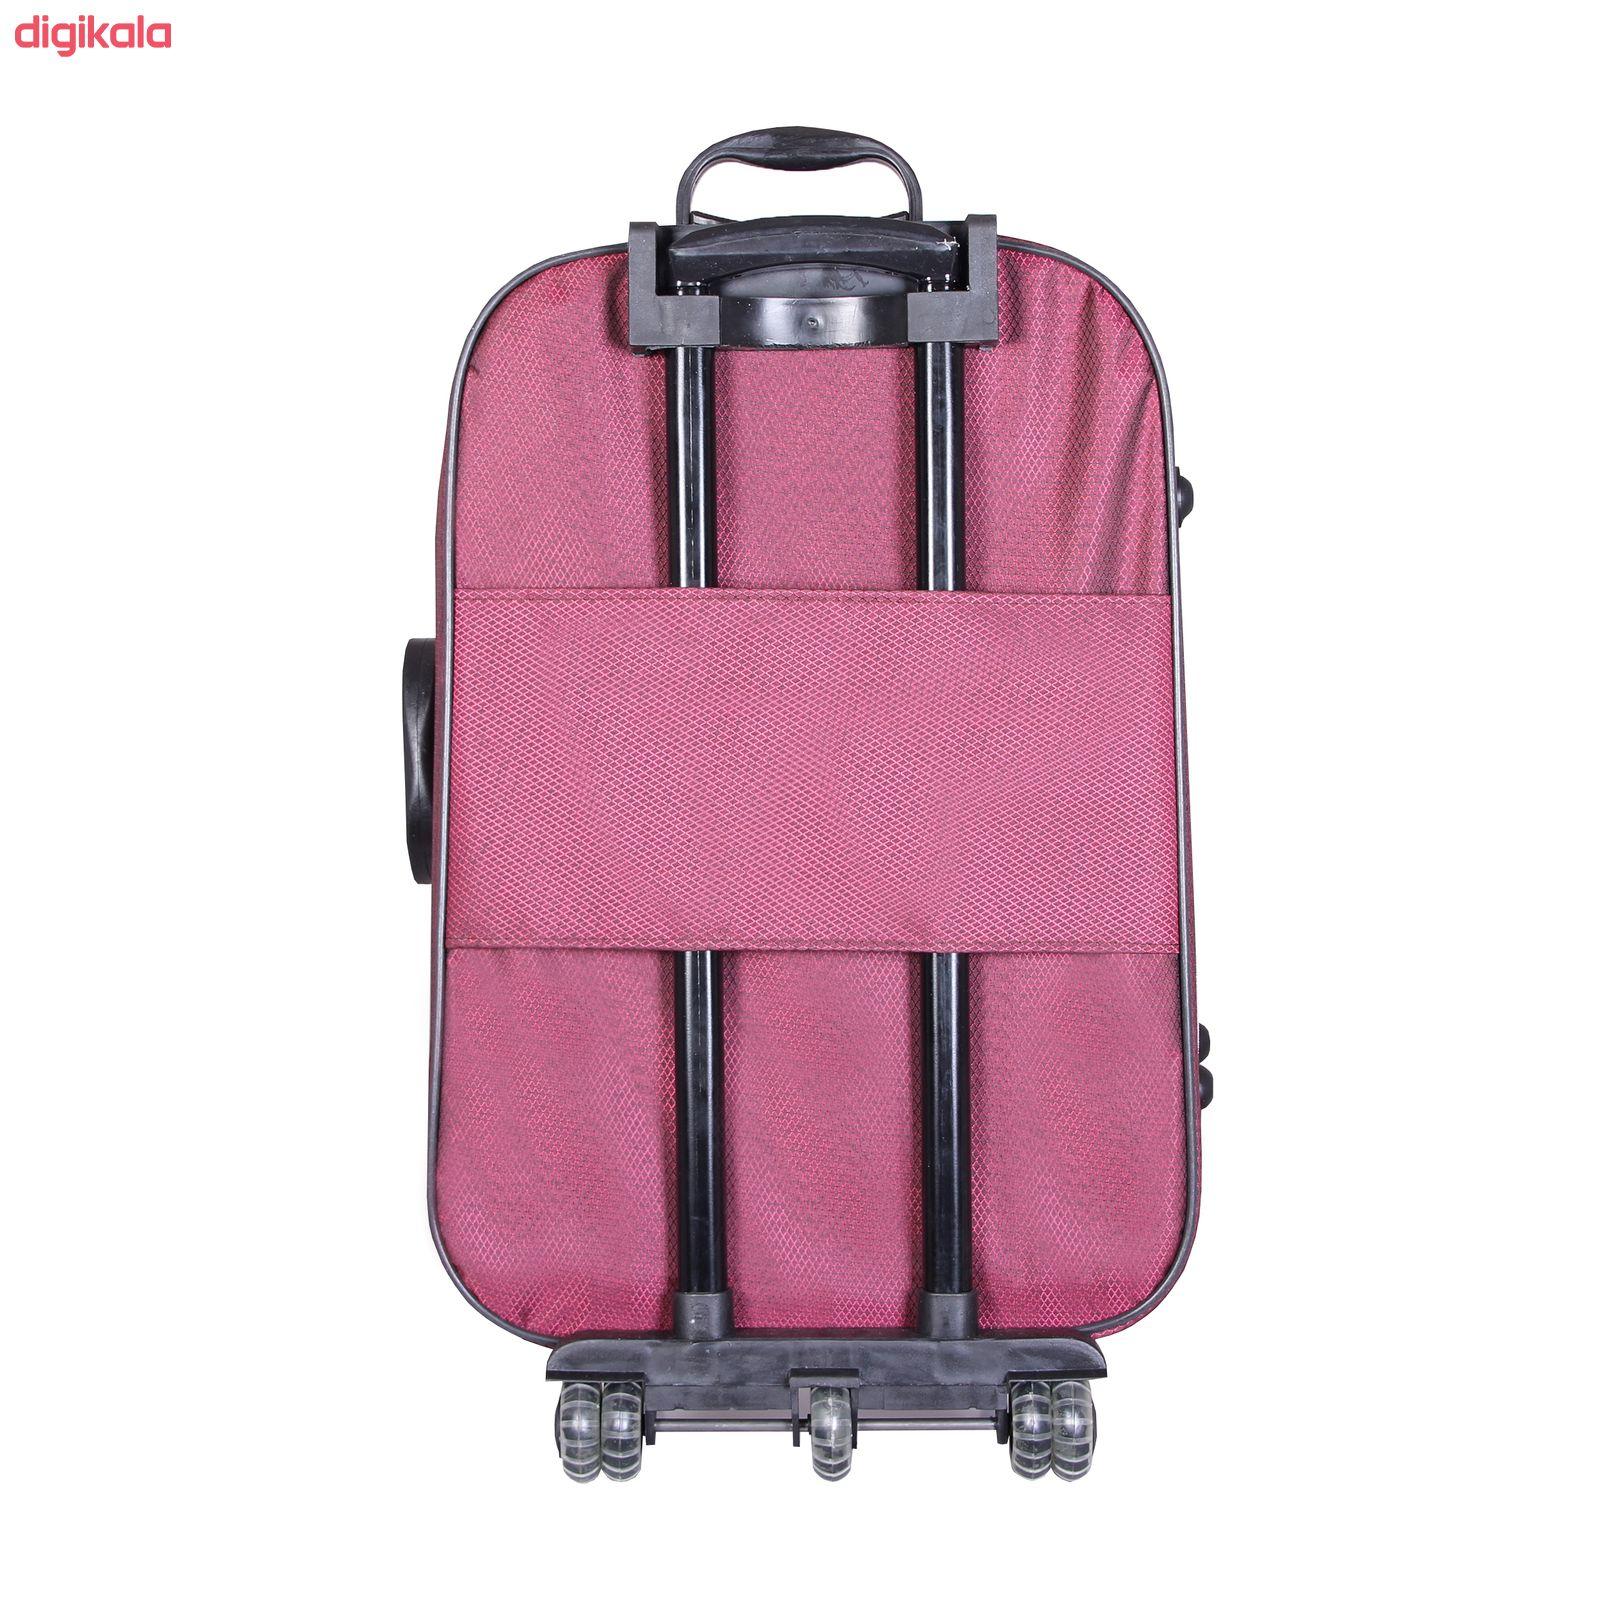 مجموعه دو عددی چمدان پرواز مدل M01000 main 1 12